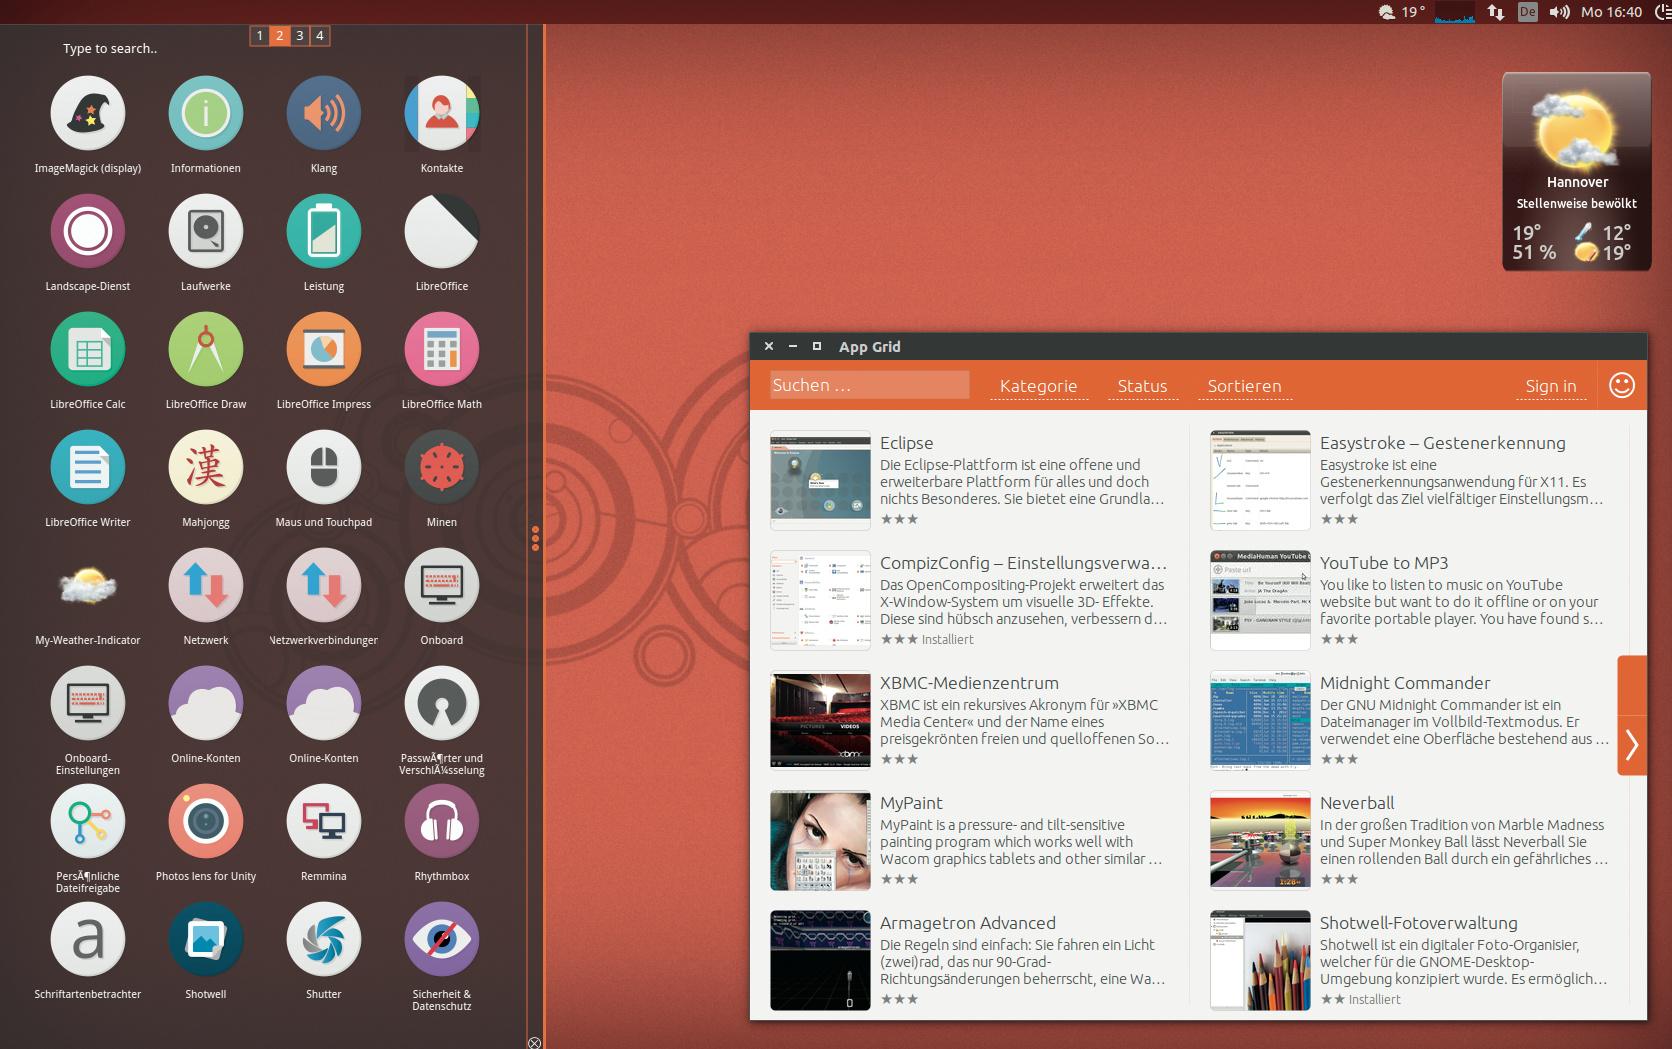 unity-desktop umbauen und verschönern | c't magazin